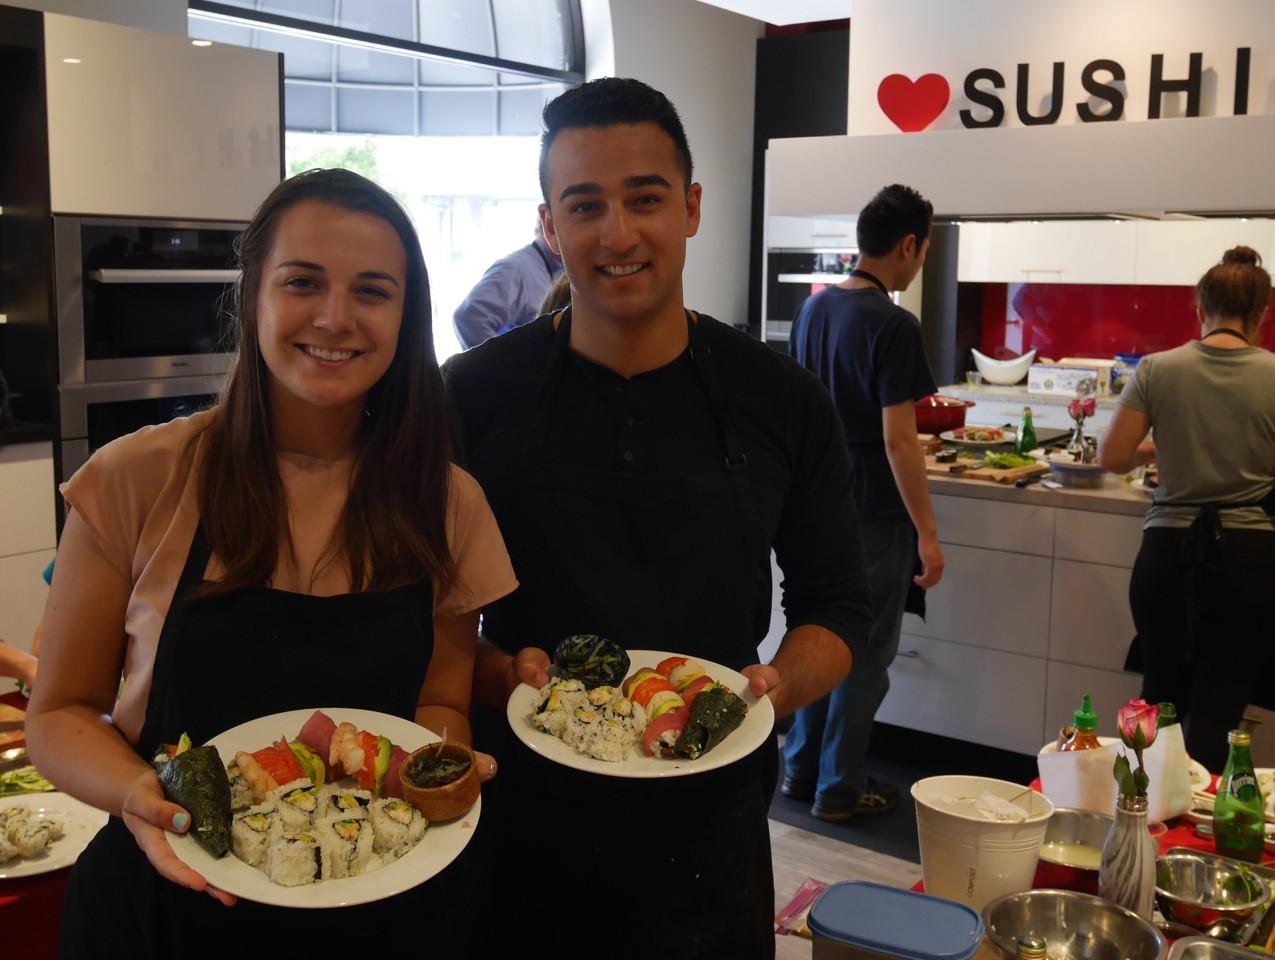 San Francisco Sushi Class July 9 2016 7